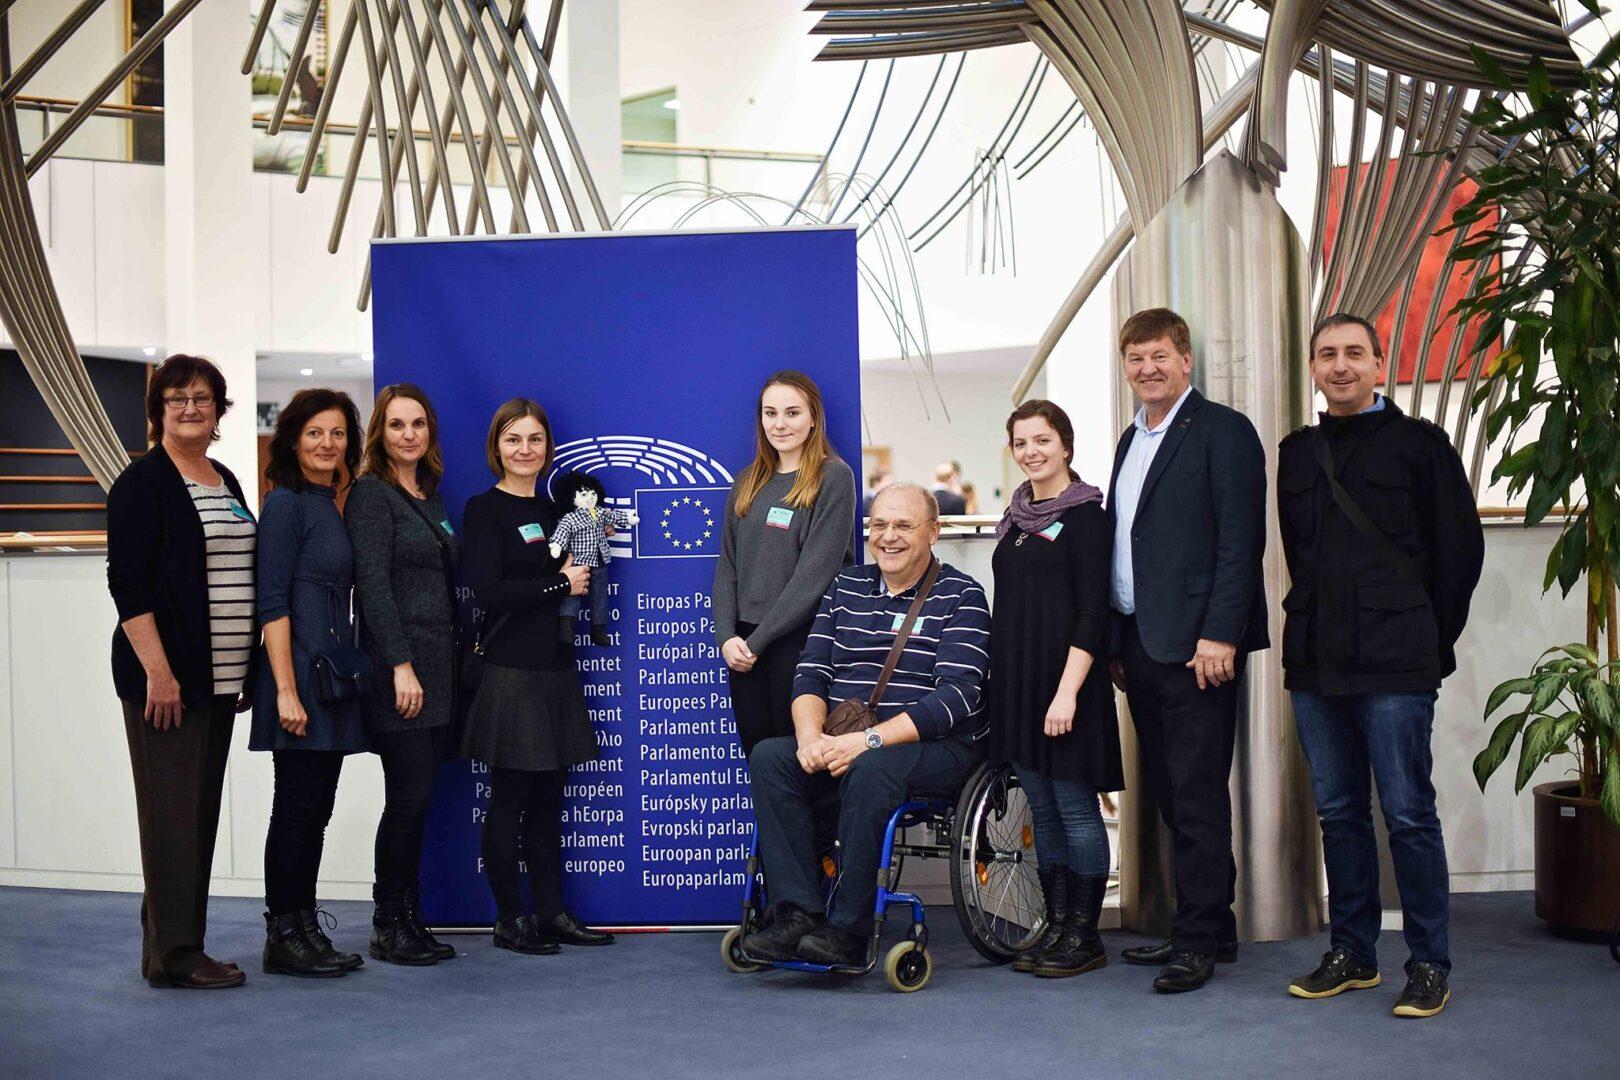 Mladi gimnazijski maturantki, Tajda Špes in Jana Meško, sta pod mentorstvom Aleša Marđetka napisali knjigo Miha spozna Evropsko unijo, ki jo je založila založba Kreativna PiKA v sodelovanju s Francem Bogovičem, poslancem Evropskega parlamenta (SLS/EPP). Knjigo so predstavili tudi v Evropskem parlamentu.